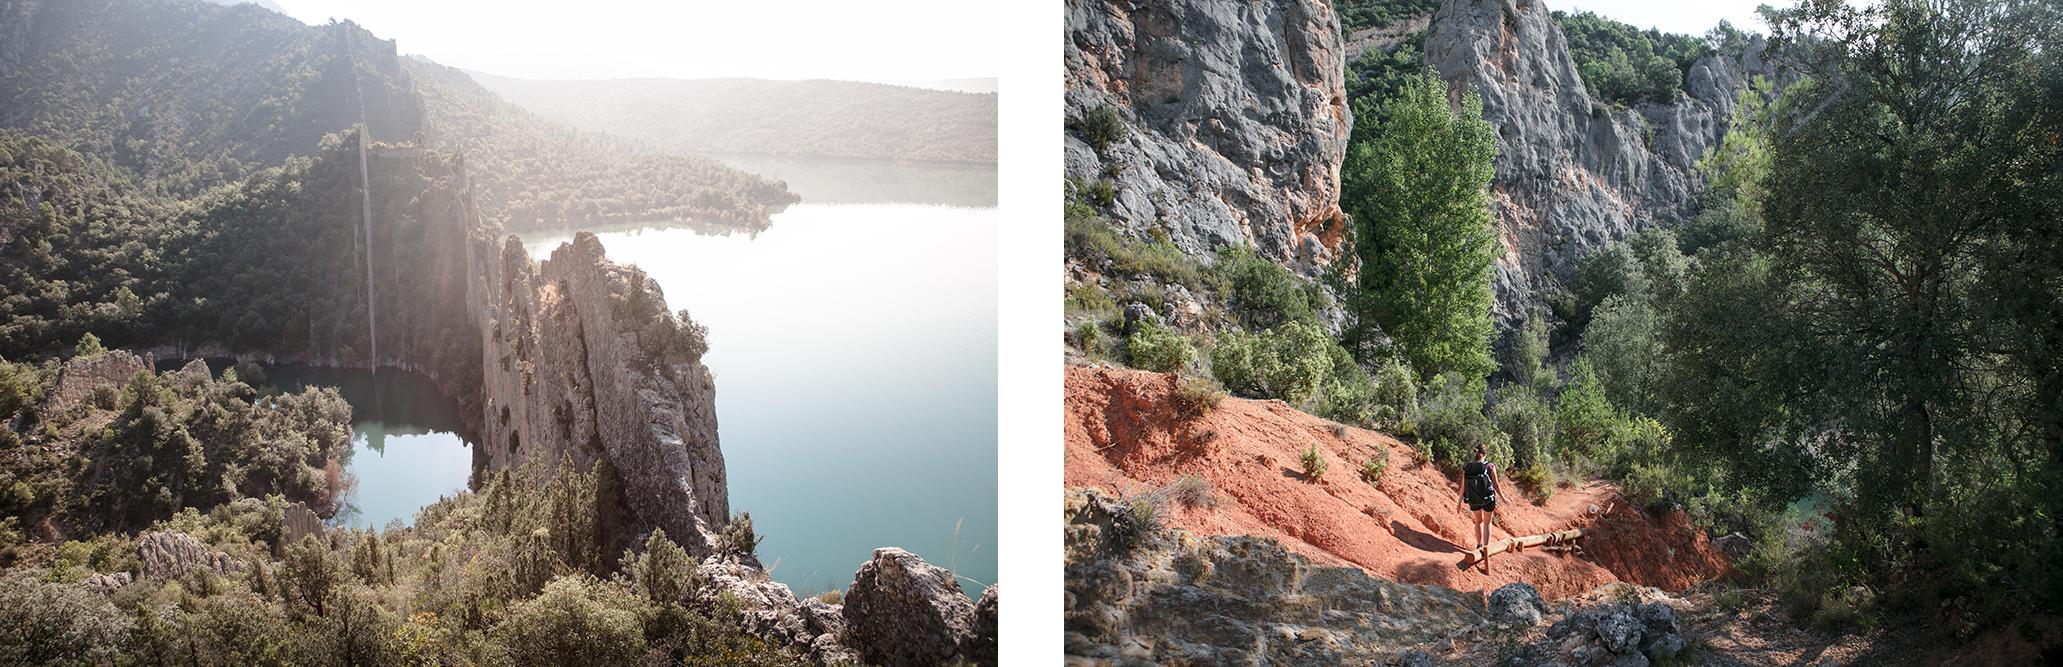 Randonnée en Aragaon en Espagne, aux murailles de Finestras